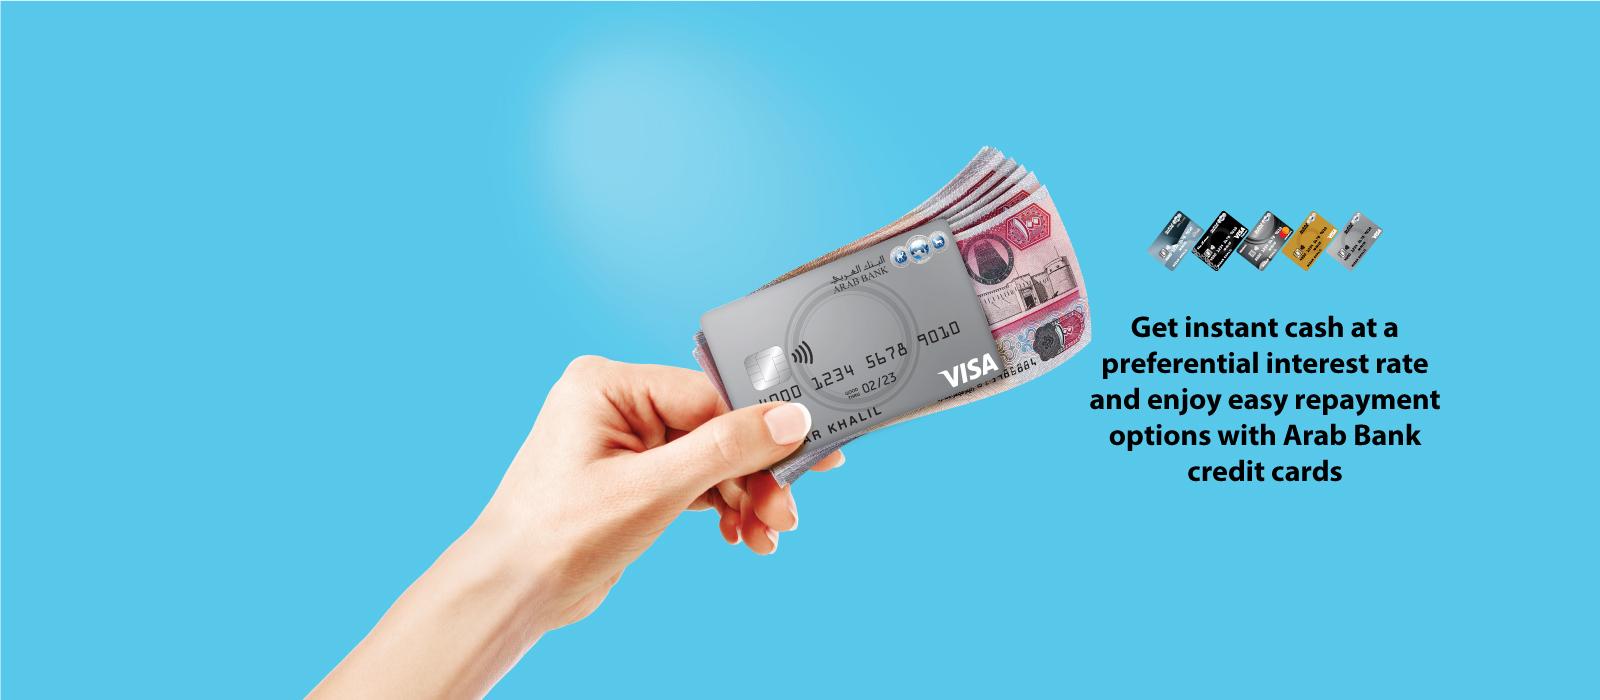 Easy-Cash-1600x700-E